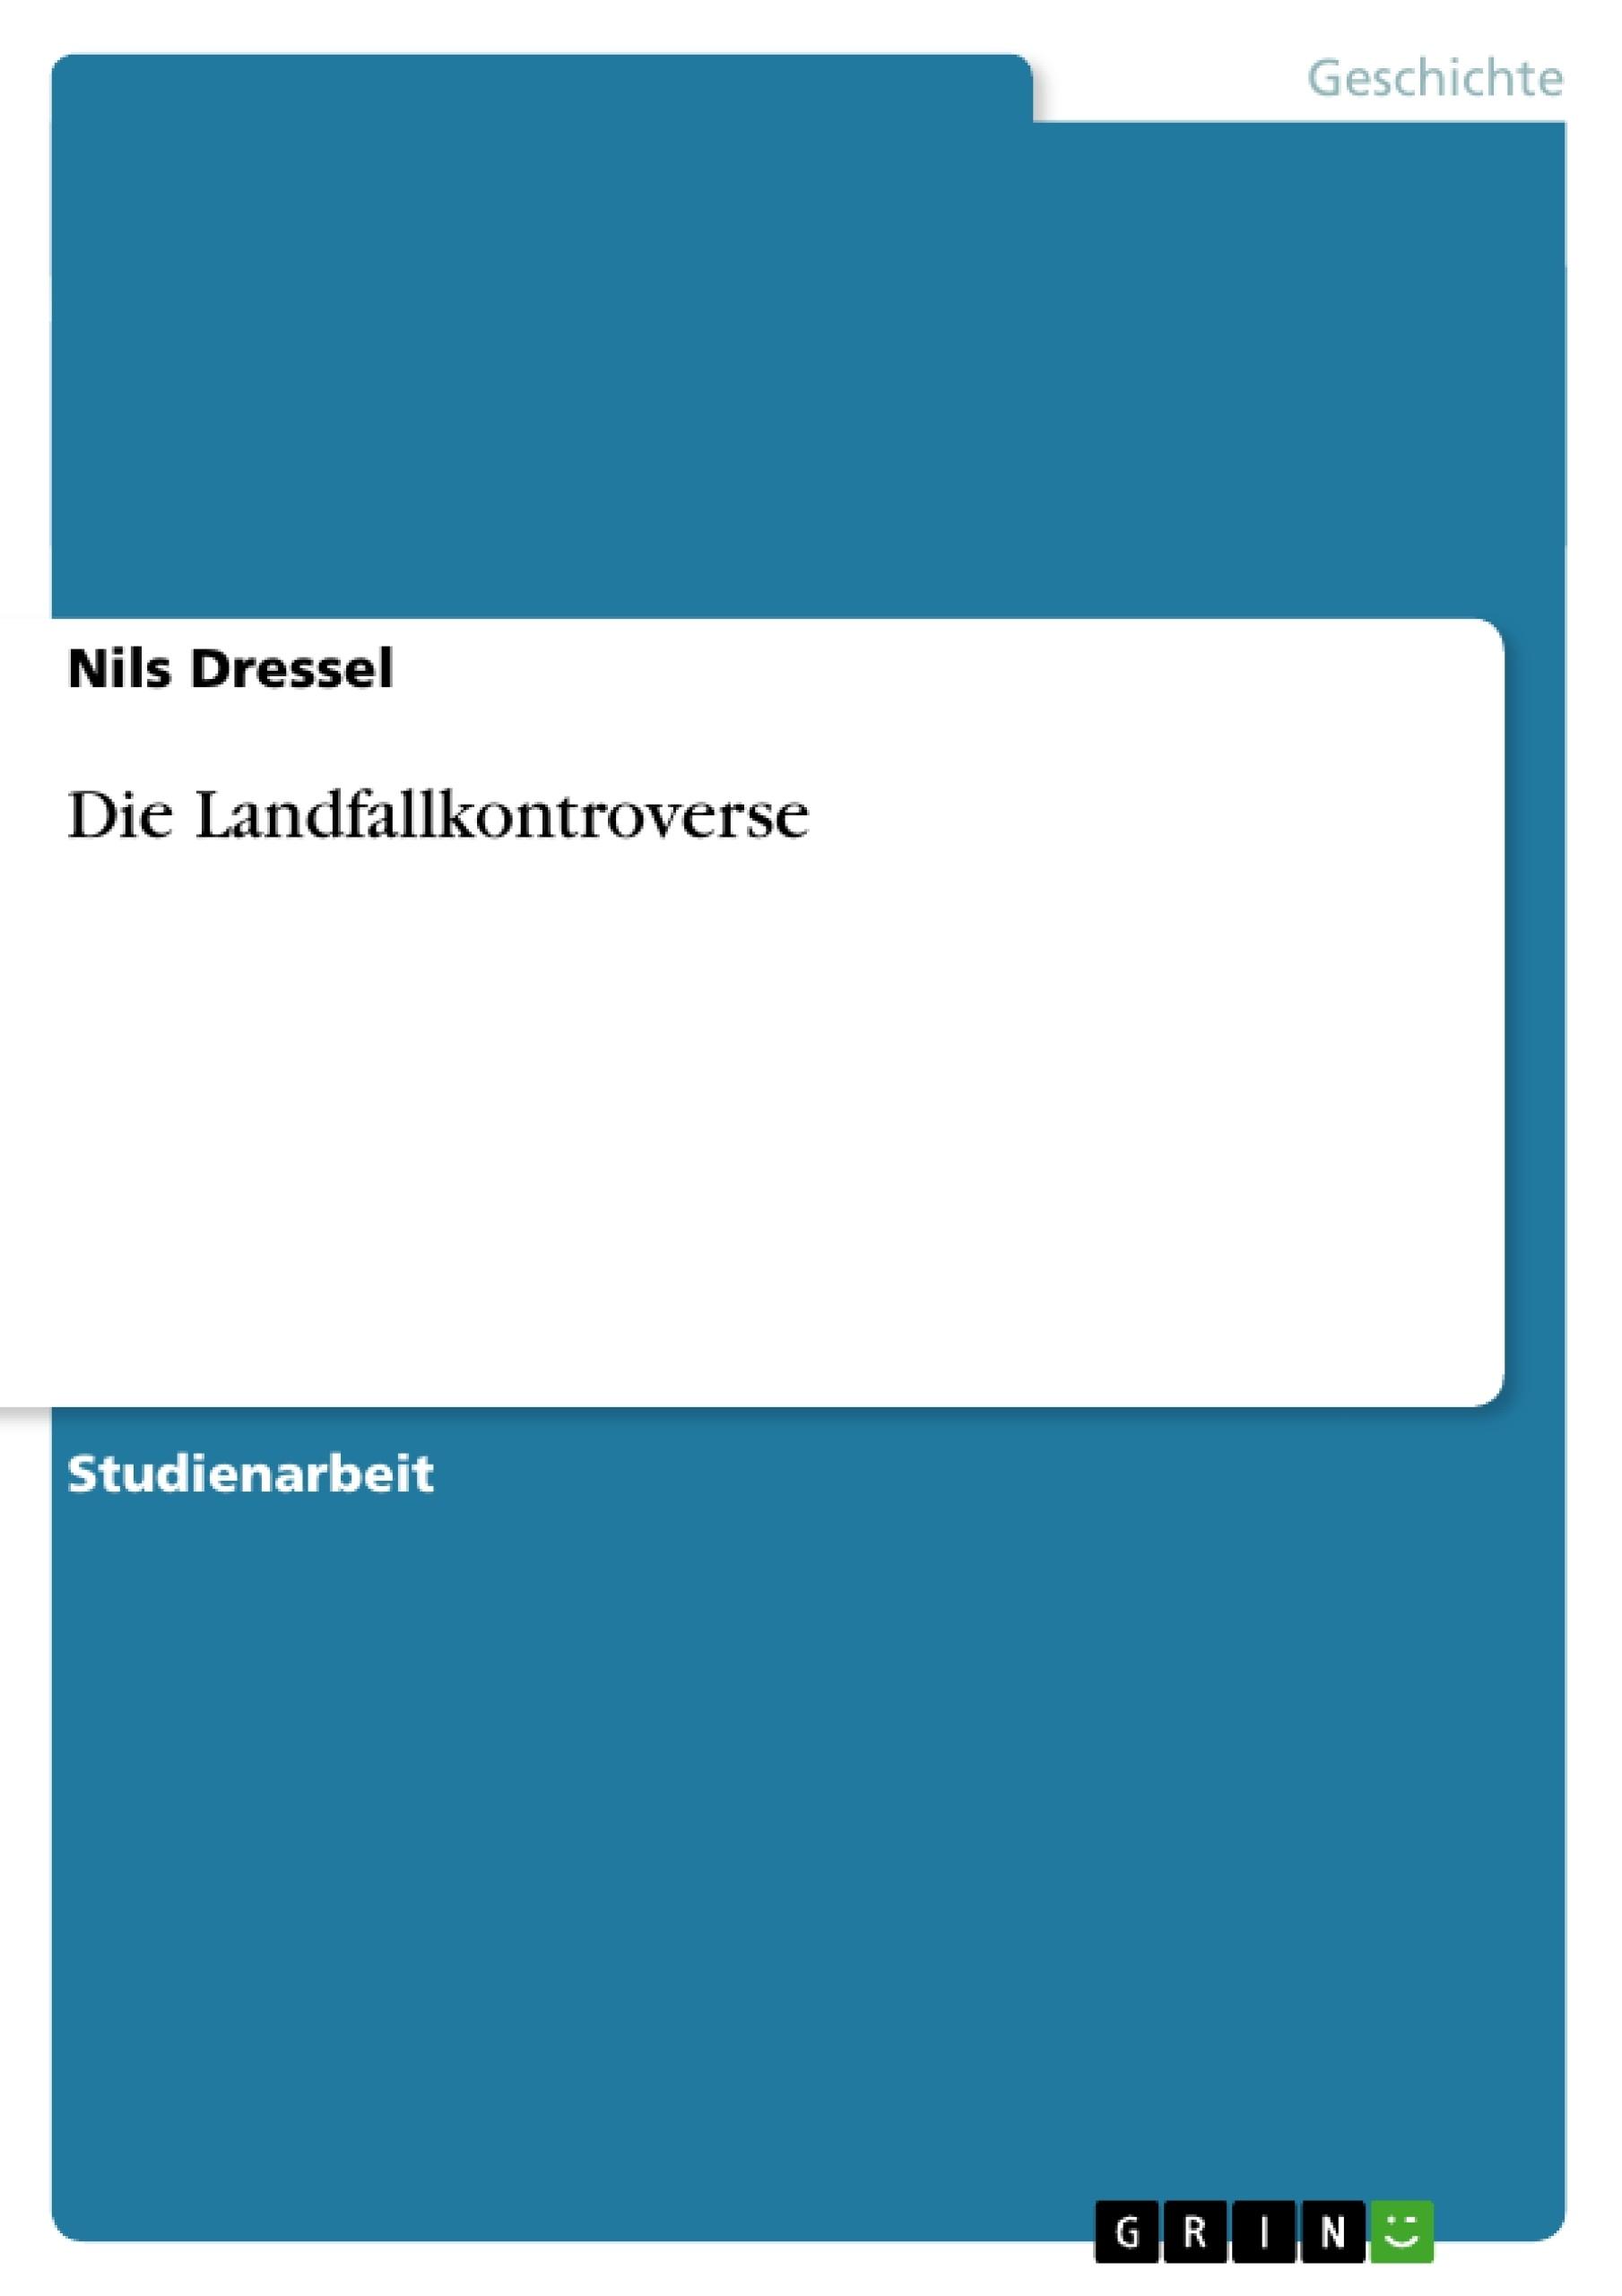 Titel: Die Landfallkontroverse